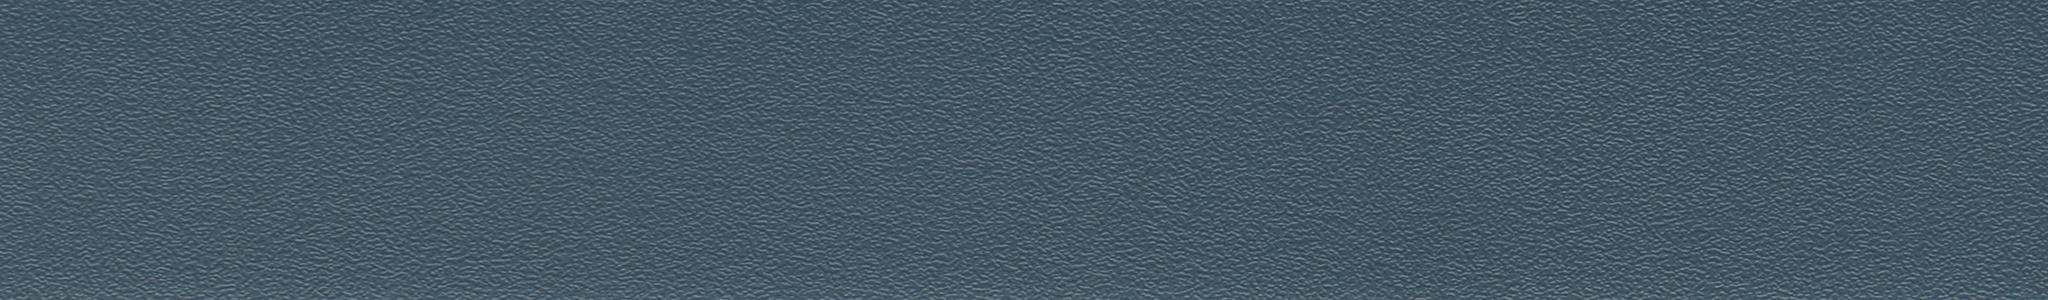 HU 17968 ABS hrana šedá perla XG